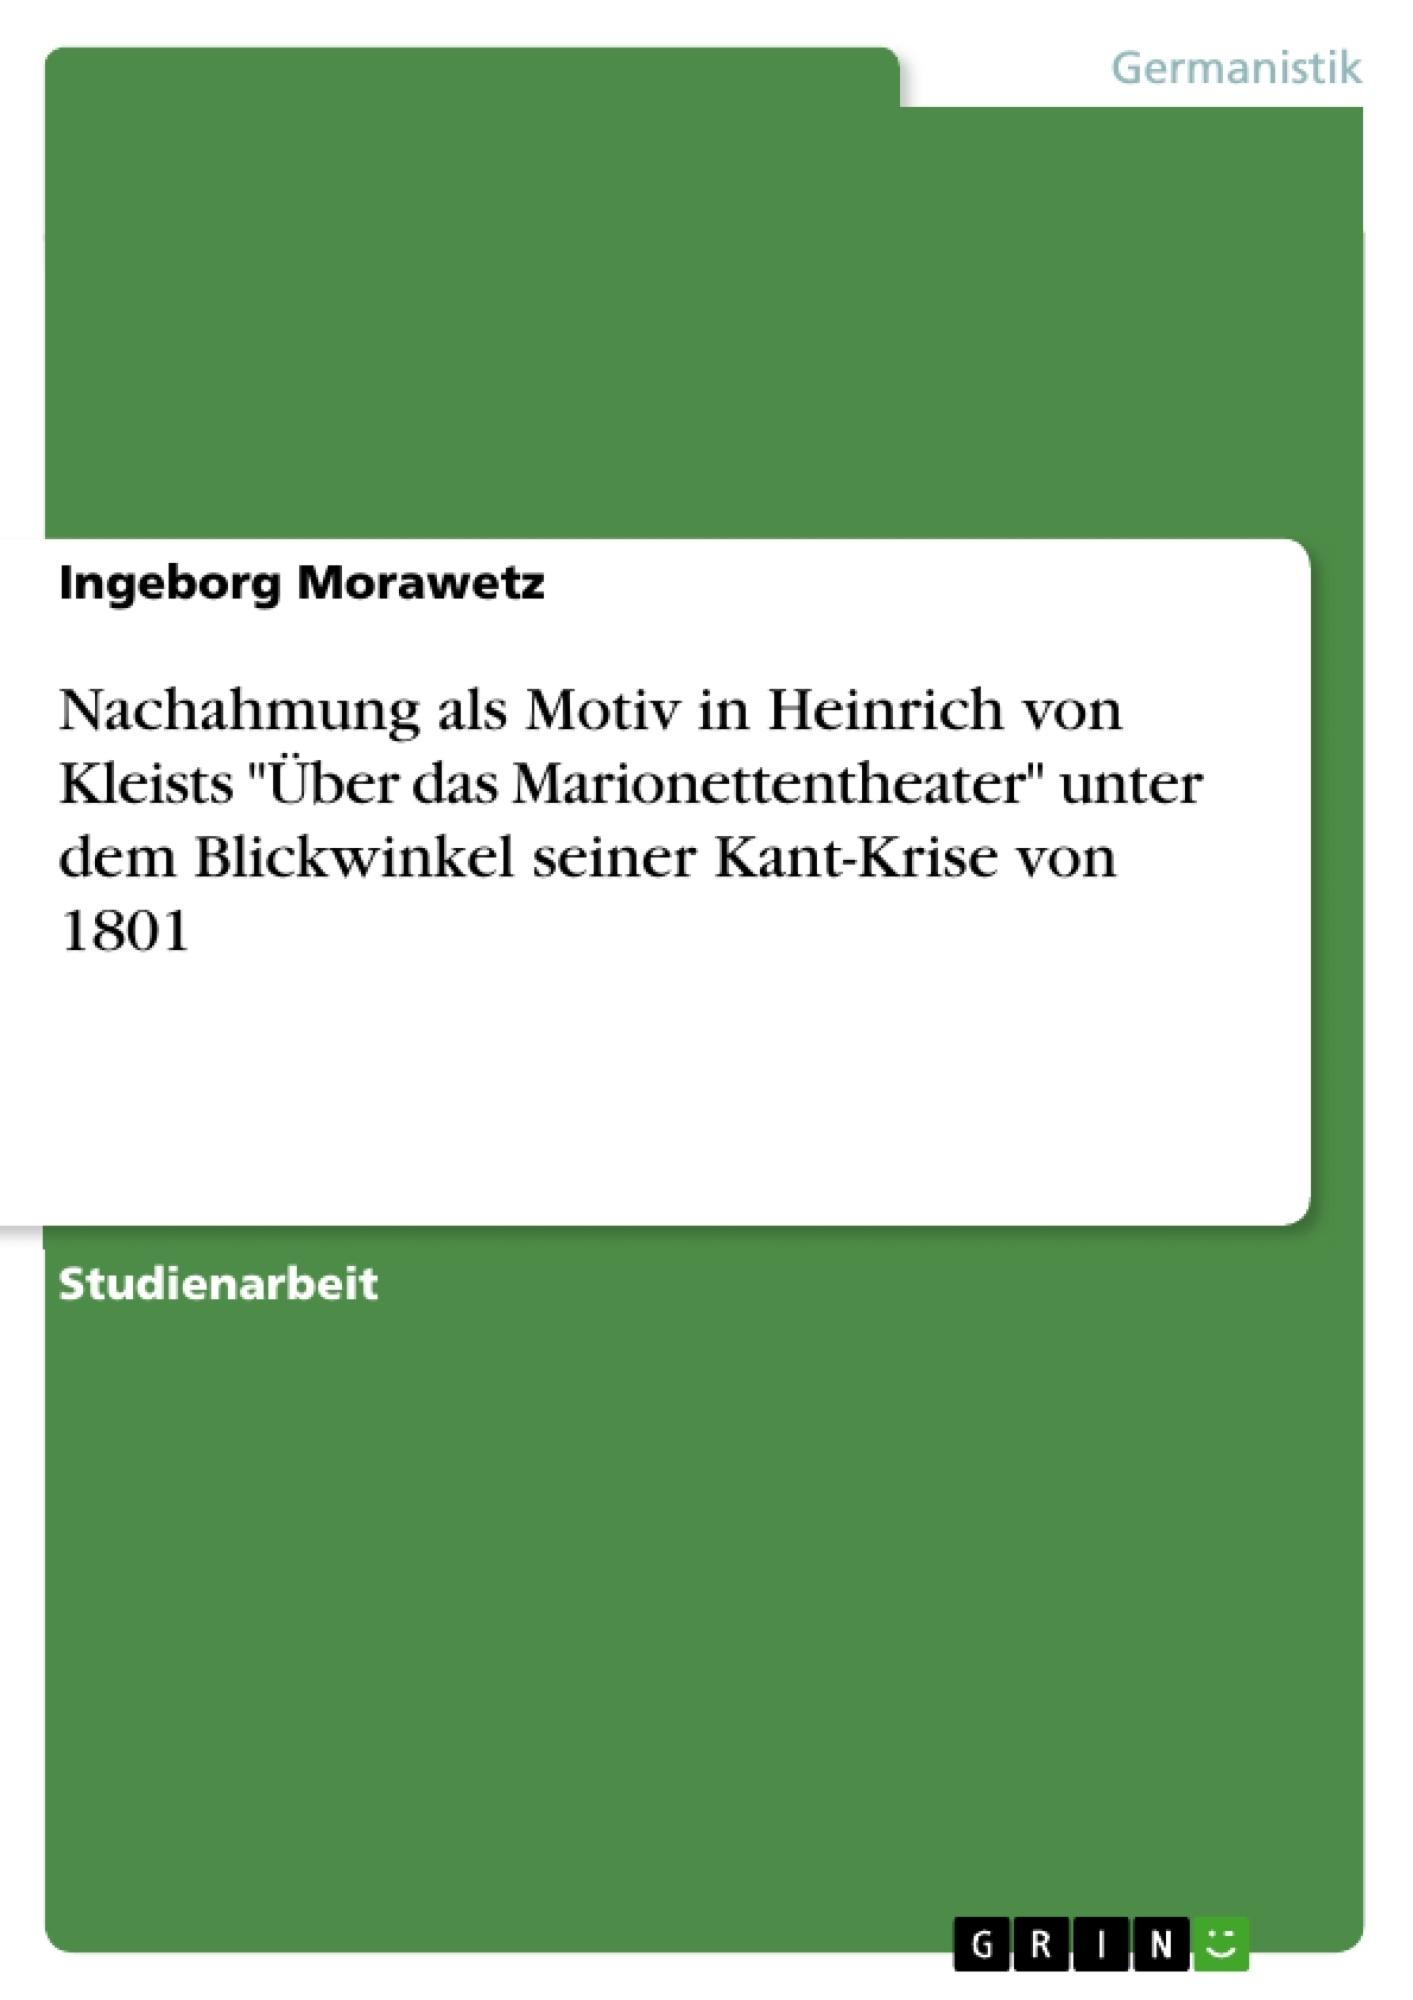 """Titel: Nachahmung als Motiv in Heinrich von Kleists """"Über das Marionettentheater"""" unter dem Blickwinkel seiner Kant-Krise von 1801"""